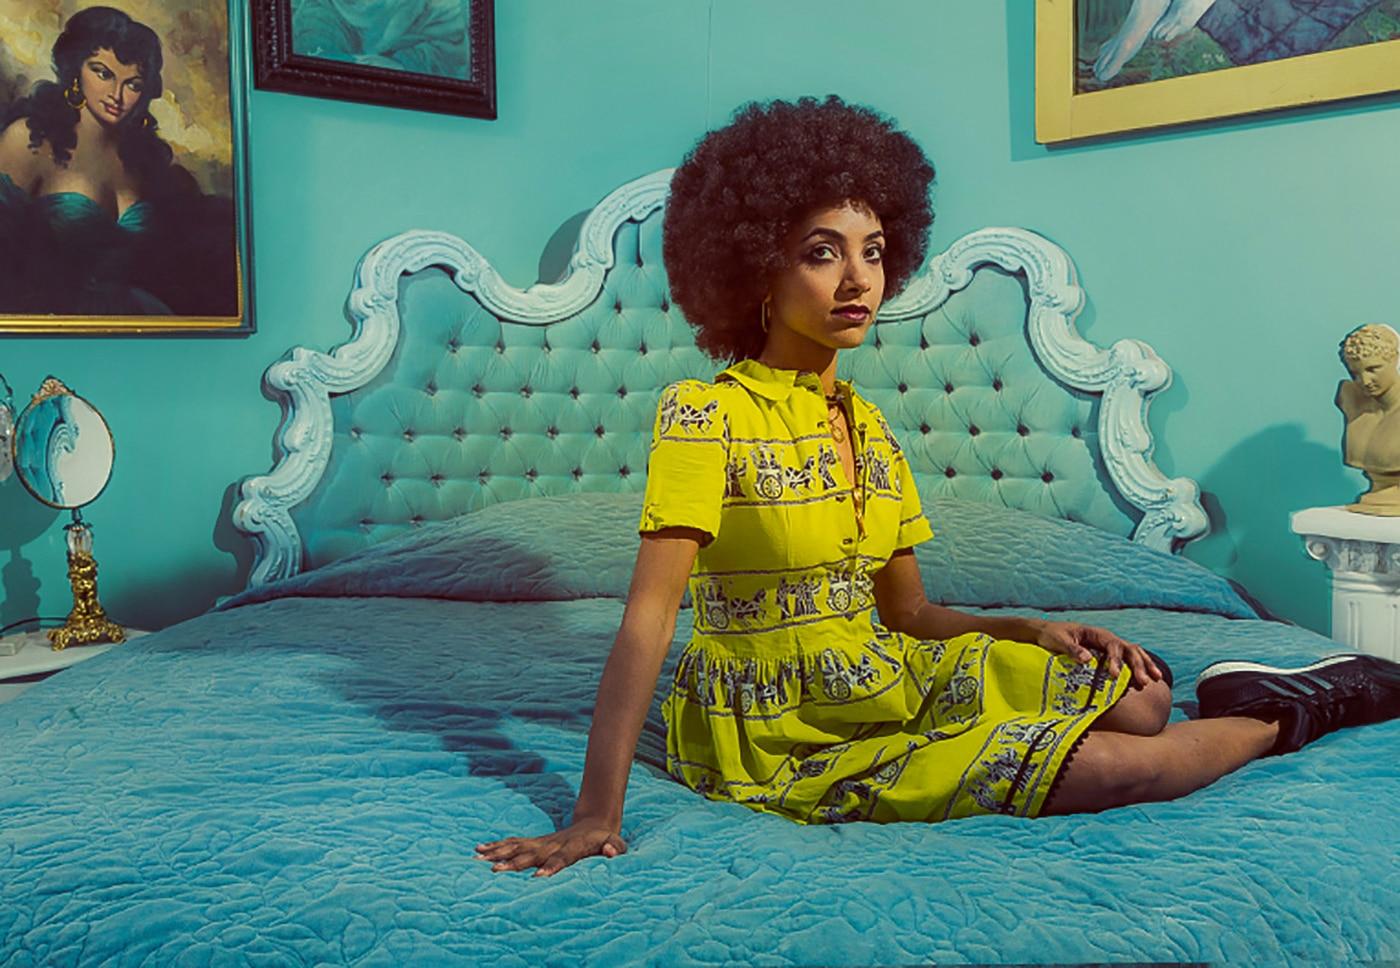 Grammy winner Esperanza Spalding has found a new creative home base in Philly